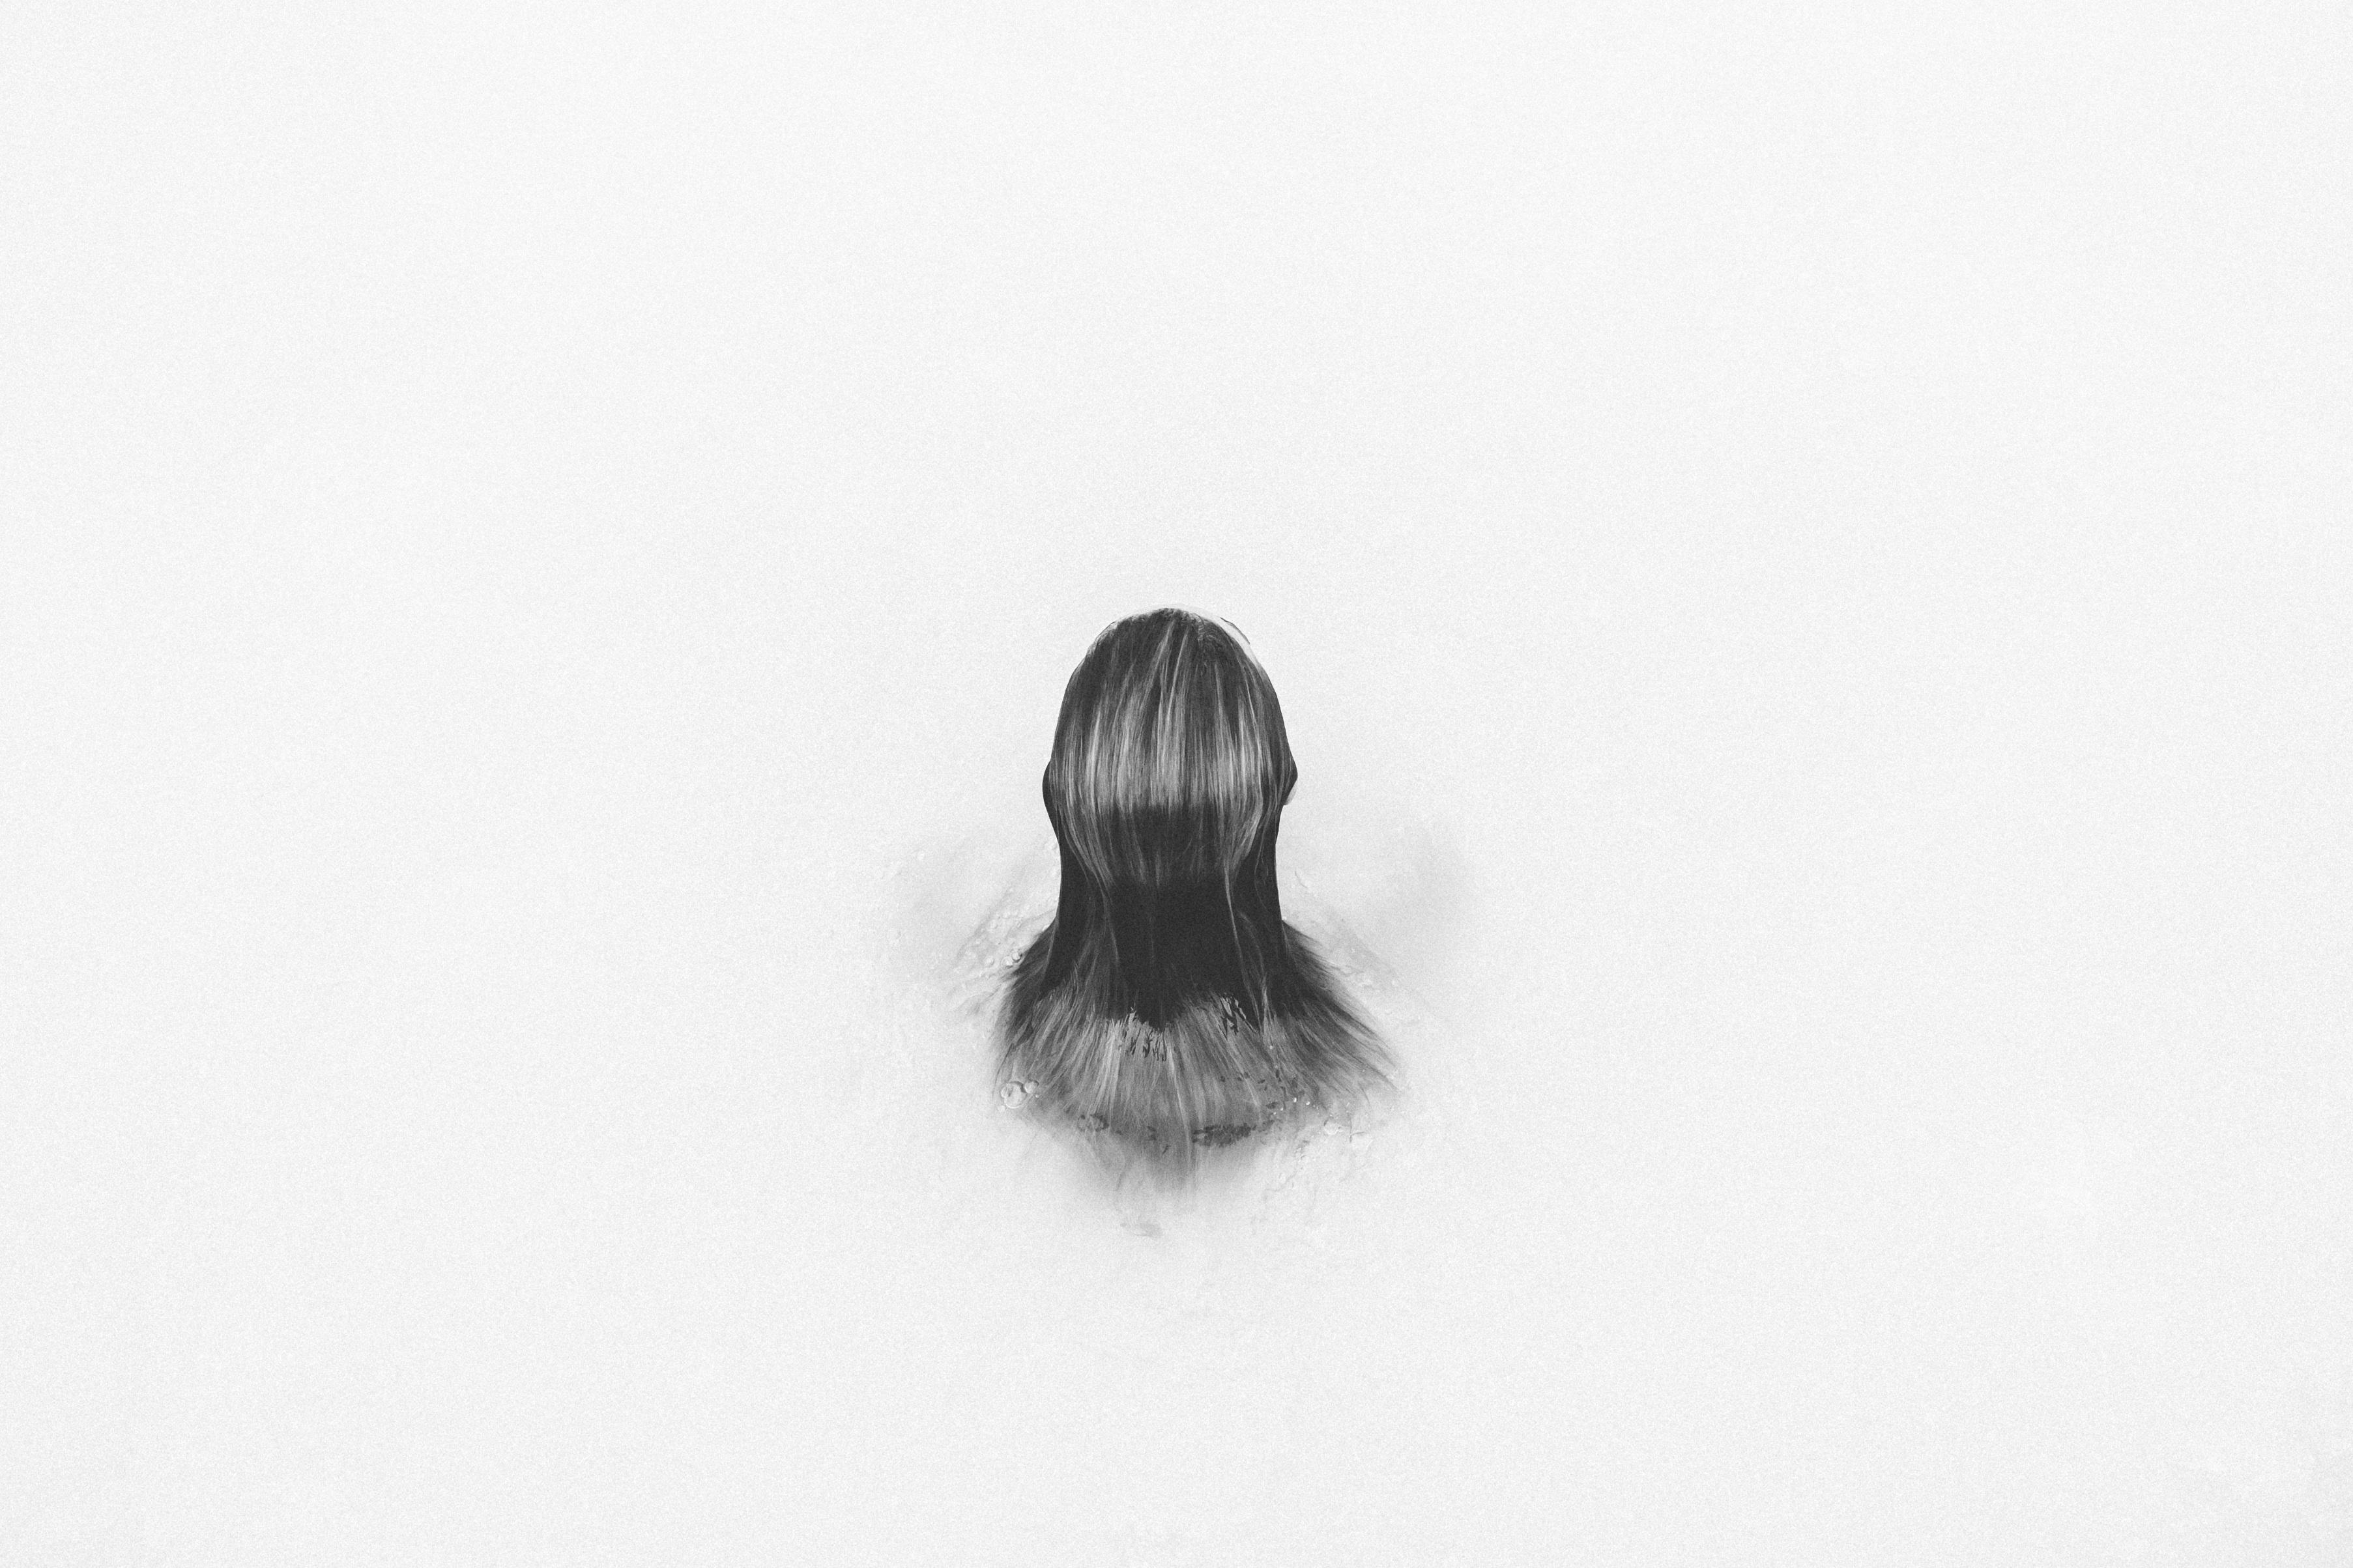 Gambar Tangan Air Orang Hitam Dan Putih Gadis Wanita